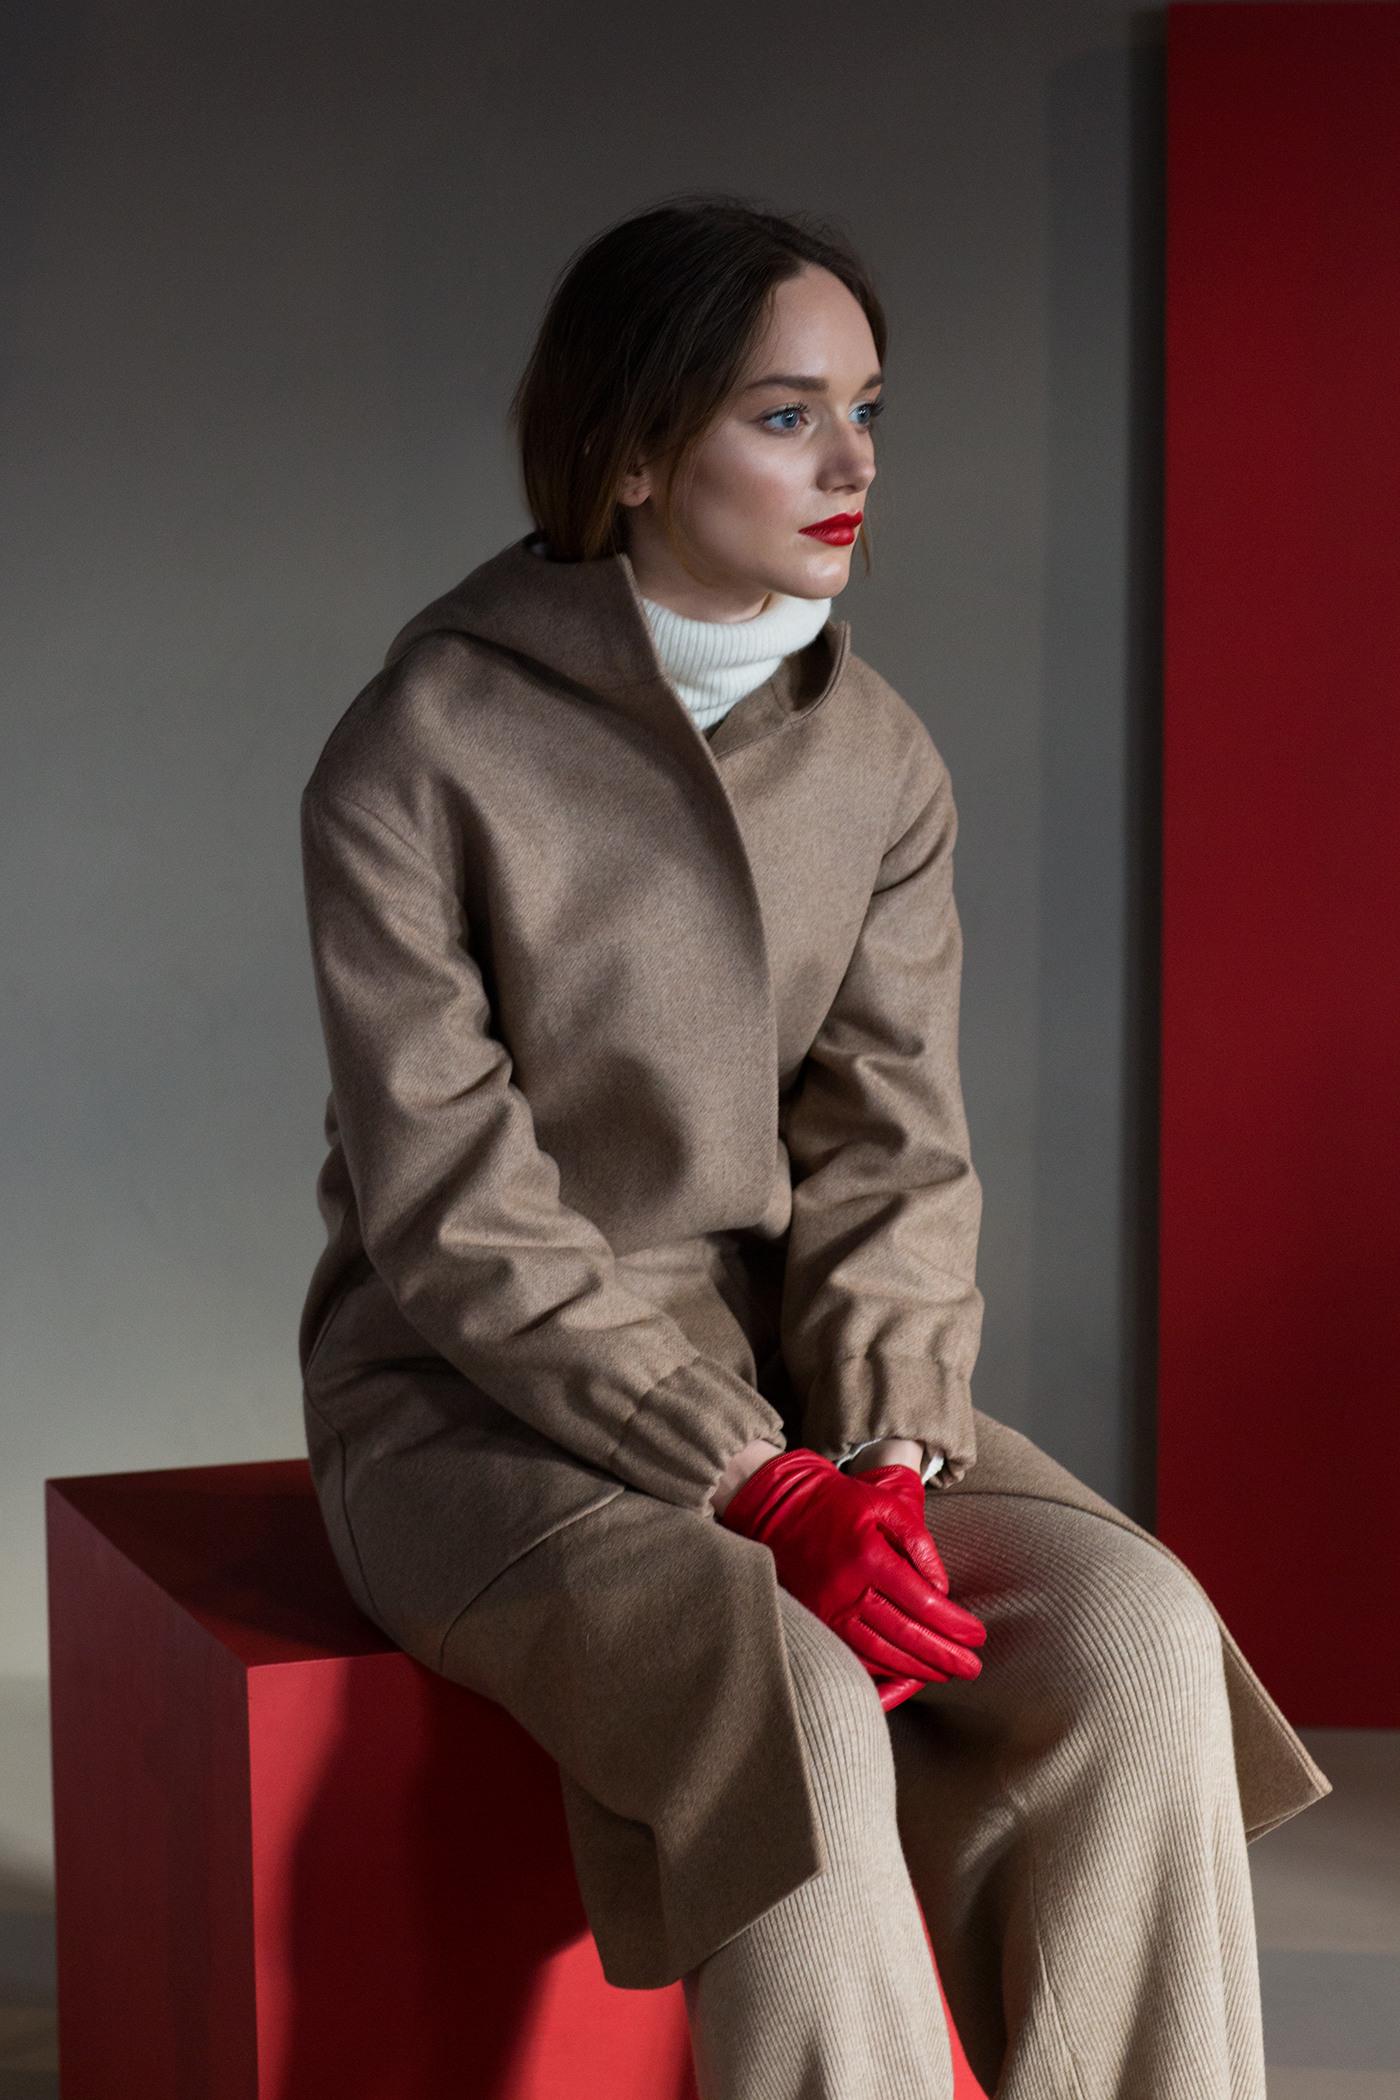 Зимнее пальто с капюшоном - РЕЙКЬЯВИК (9.0)Шерстяное пальто свободного силуэта. Имеет два боковых кармана и капюшон. Закрывается на молнию. Рукава на резинке. Конструкция без подплечников. Модель подходит для всех типов фигур - А, Т, О-образных.&#13;<br>&#13;<br>&#13;<br>рекомендуемая сезонность: холодная осень, теплая зима&#13;<br>&#13;<br>шерстяной дышащий утеплитель эффективно сохраняет тепло и при этом не препятствует свободной циркуляции воздуха&#13;<br>&#13;<br>утеплитель - не съемный, вшивается на этапе сборки между основной тканью и подкладочной&#13;<br>&#13;<br>длина по спинке размера S при росте 158-164 см: 101 см, 164-170 см: 105 см, 170-176 см: 109 см&#13;<br>&#13;<br>модель имеет 3 ростовки: 158-164 см, 164-170 см, 170-176 см. Размер и другие нюансы уточняются при заказе, мы с вами связываемся по указанному вами номеру телефона&#13;<br>&#13;<br>&#13;<br>* Внимание! Ощущение тепла - очень индивидуально и зависит от множества факторов (влажность, ветер, индивидуальные особенности, прочая одежда на человеке итд.), поэтому мы не можем гарантировать, что каждому будет комфортен указанный диапазон температур. Поэтому учитывайте, пожалуйста, эти детали при формировании заказа.&#13;<br>&#13;<br>** Возможная погрешность в длинах готового изделия составляет не более 2-3%&#13;<br>&#13;<br>*** Если у вас остались вопросы, пишите нам на электронную почту asyamalbershtein@gmail.com или звоните по номеру +7 (812) 649-17-99, мы постараемся ответить на ваши вопросы и помочь определиться вам с выбором или размерной сеткой наших изделий.<br><br>Цвет: Верблюжий<br>Размер: S, M<br>Ростовка: 164 -170